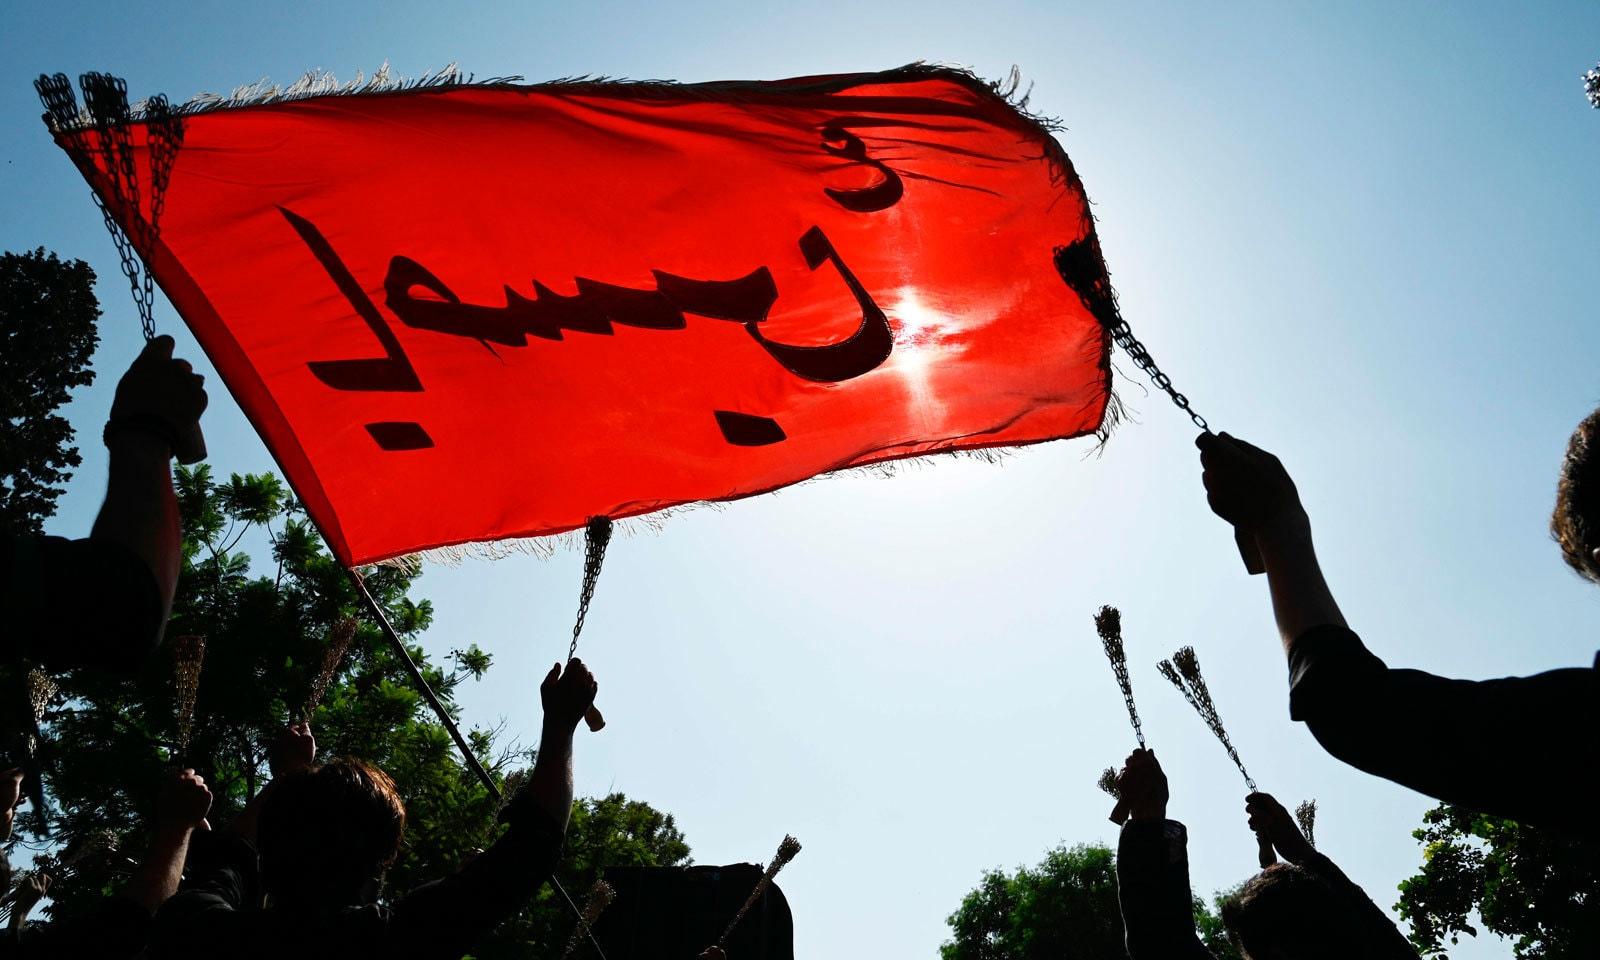 پاکستان بھر کے چھوٹے بڑے شہروں سے 9محرم الحرام کے جلوس برآمد ہوئے— فوٹو: اے ایف پی